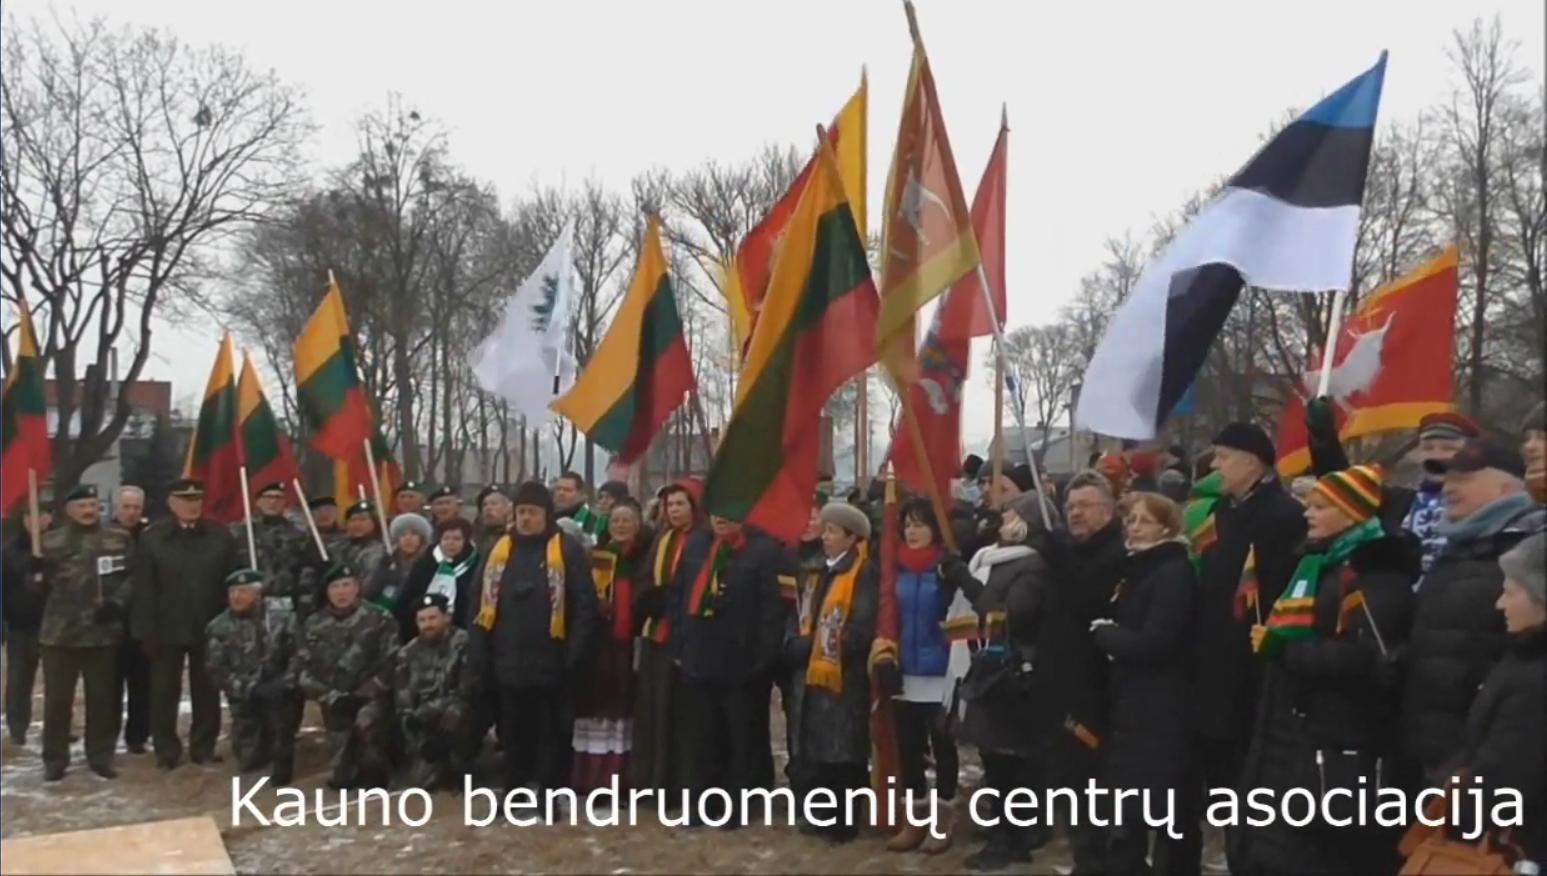 Vasario 16-osios minėjimas Lietuvos bendruomenėse